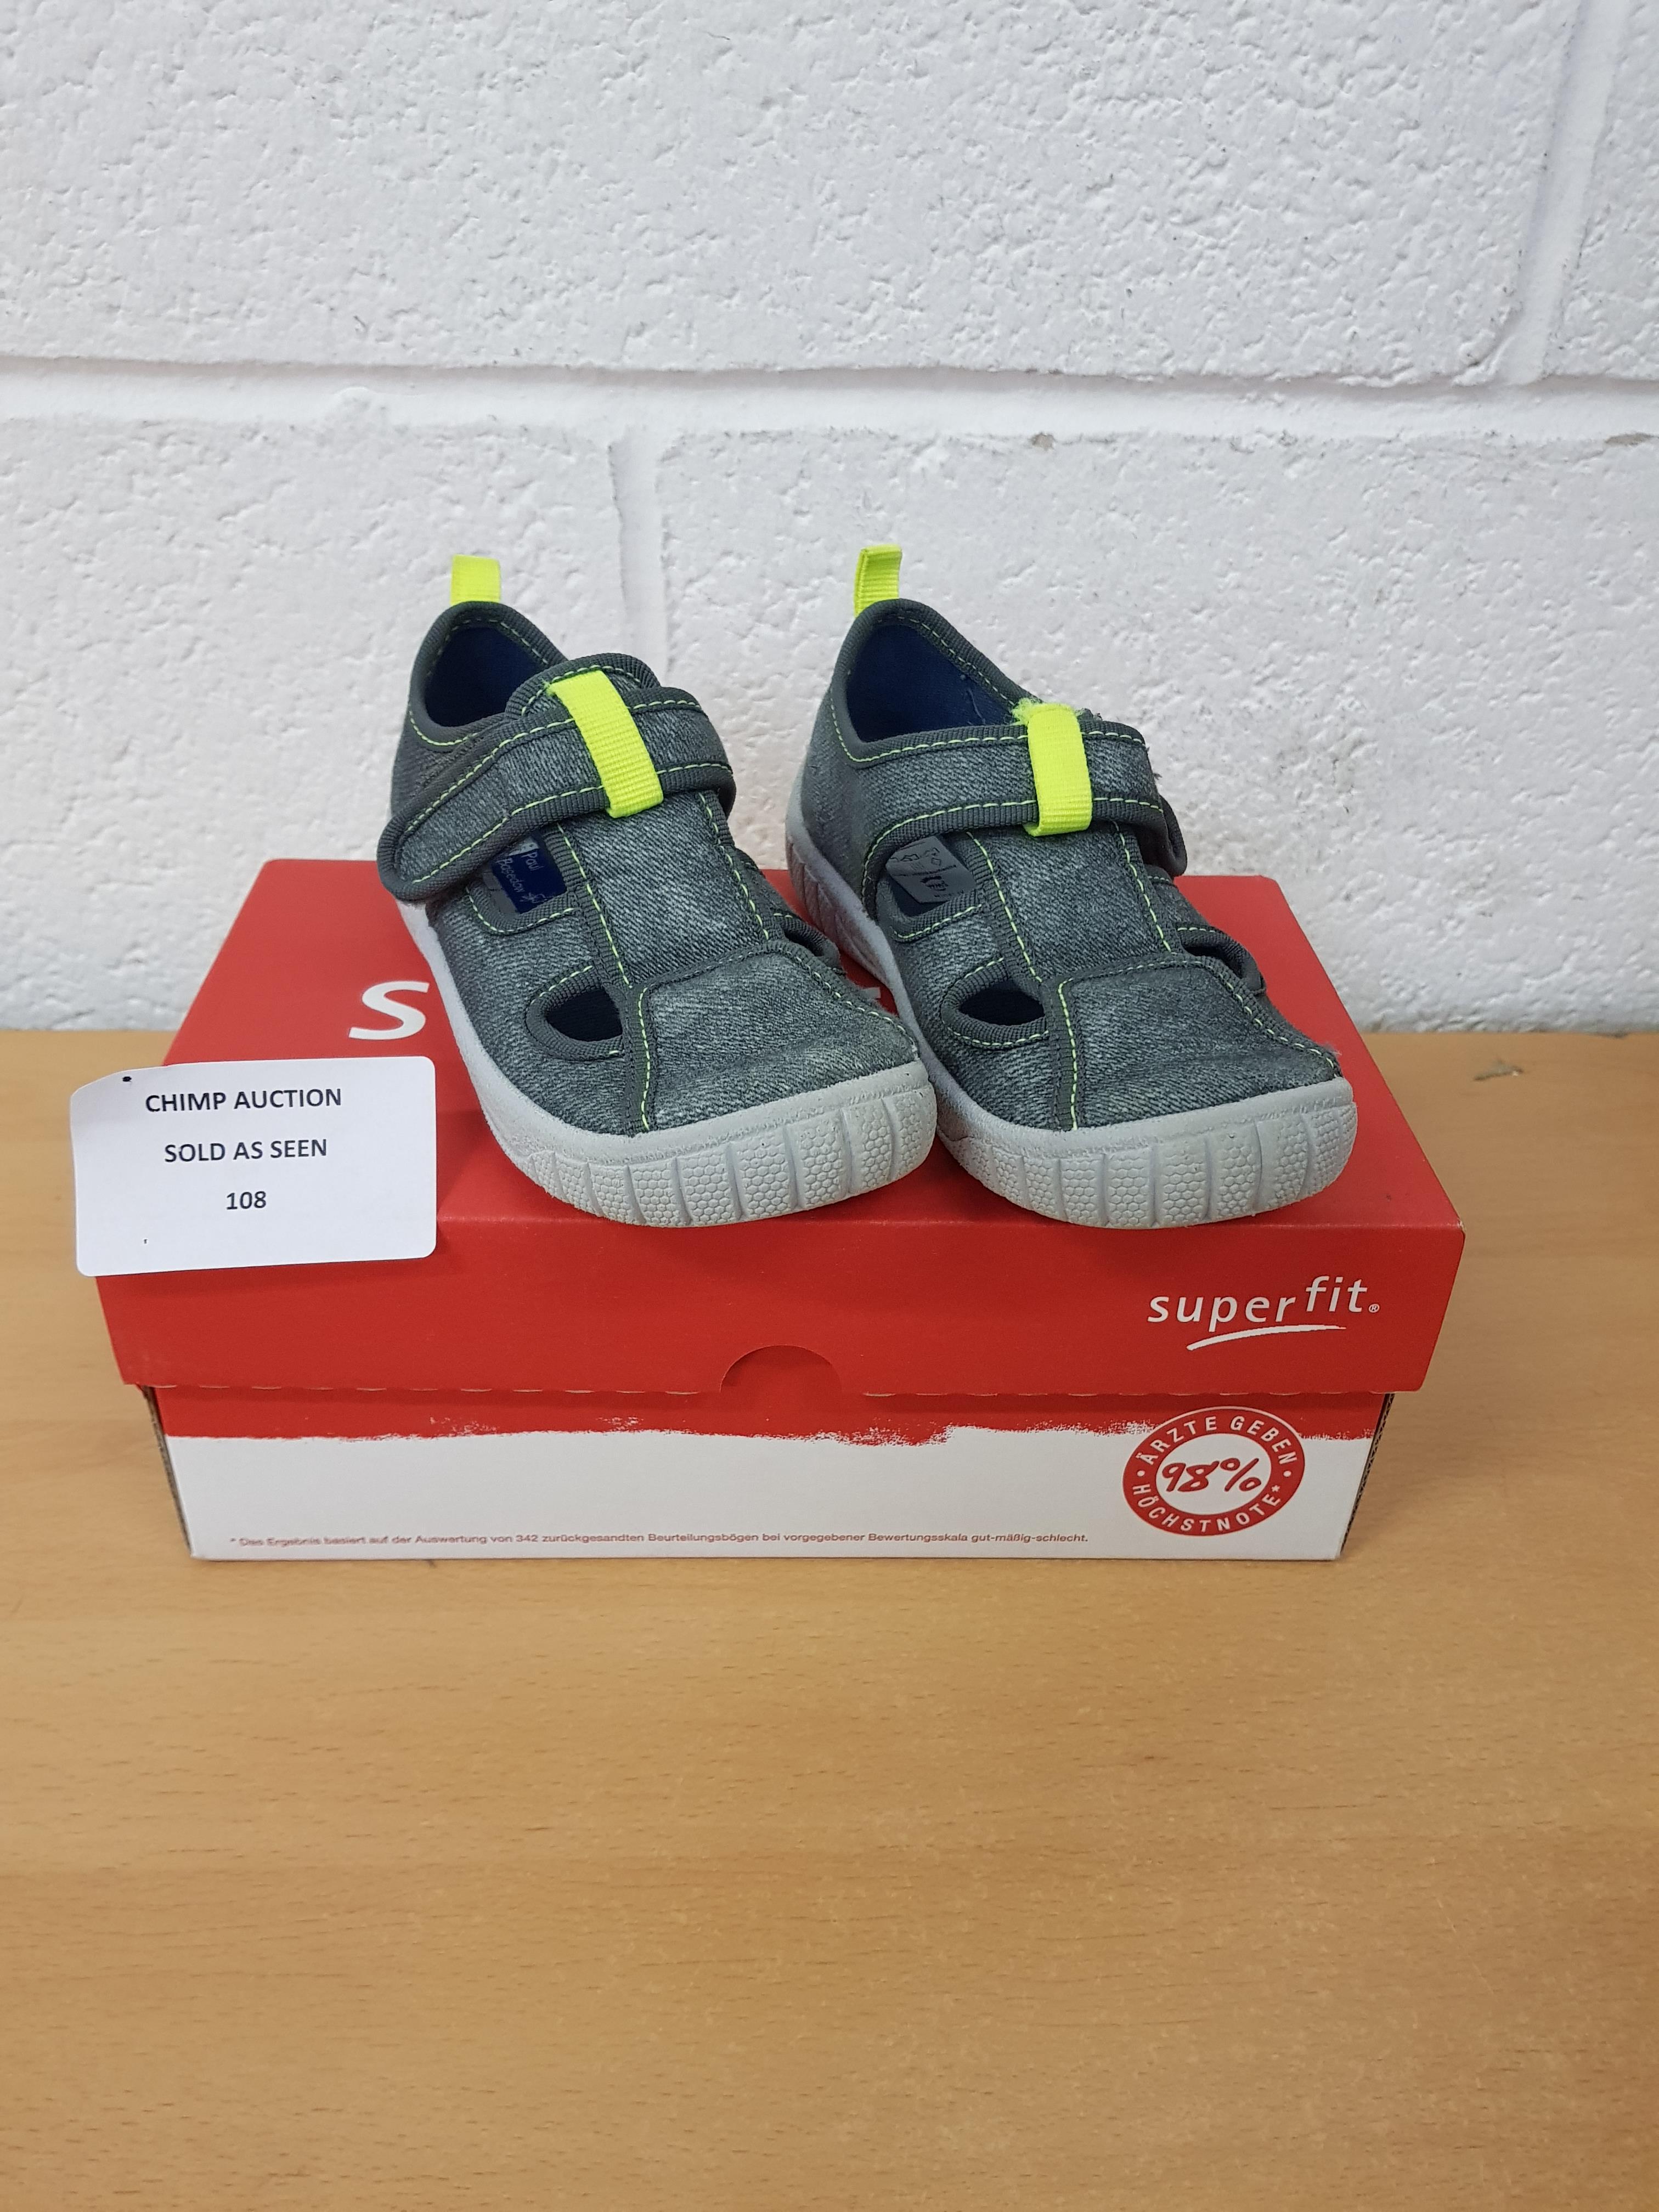 Lot 108 - SuperFit kids shoes EU 27